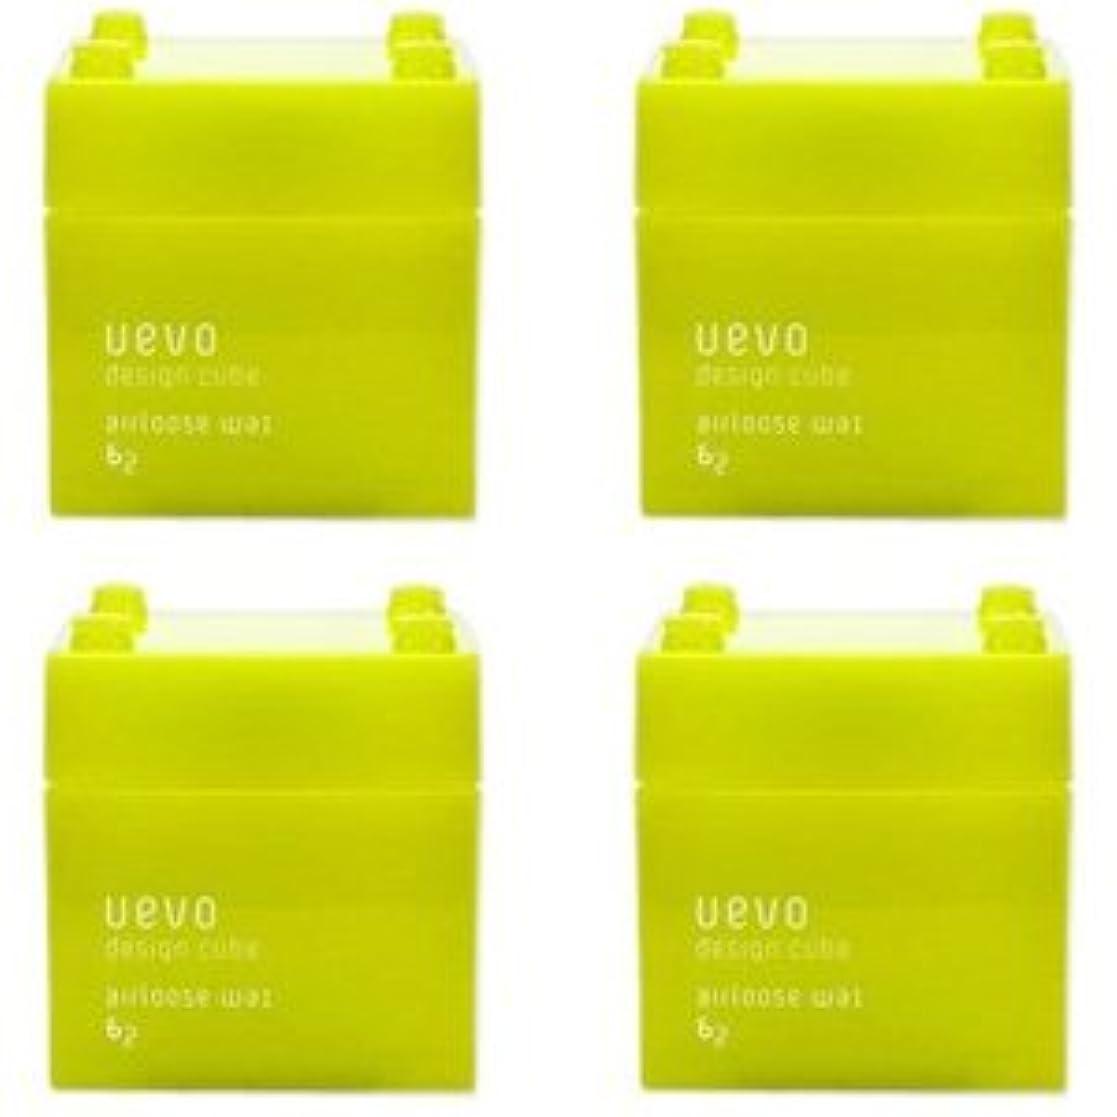 回転餌楽しむ【X4個セット】 デミ ウェーボ デザインキューブ エアルーズワックス 80g airloose wax DEMI uevo design cube